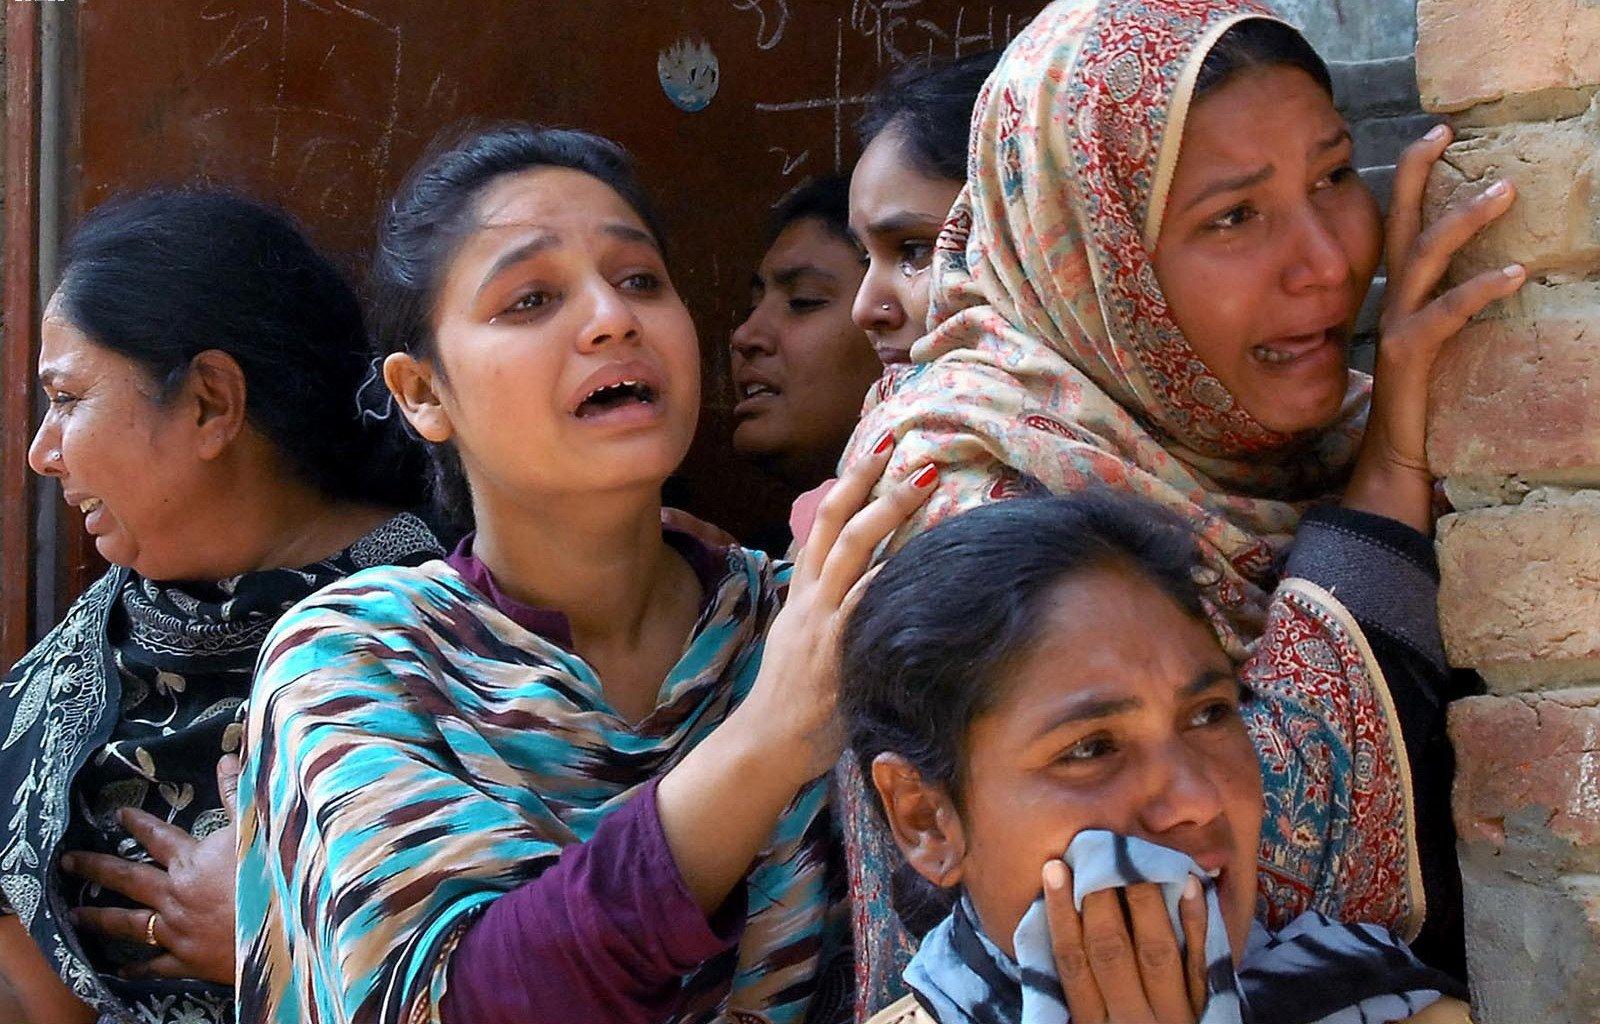 Mentiras contra cristãos alimentam a perseguição religiosa em todo o mundo, diz pastor